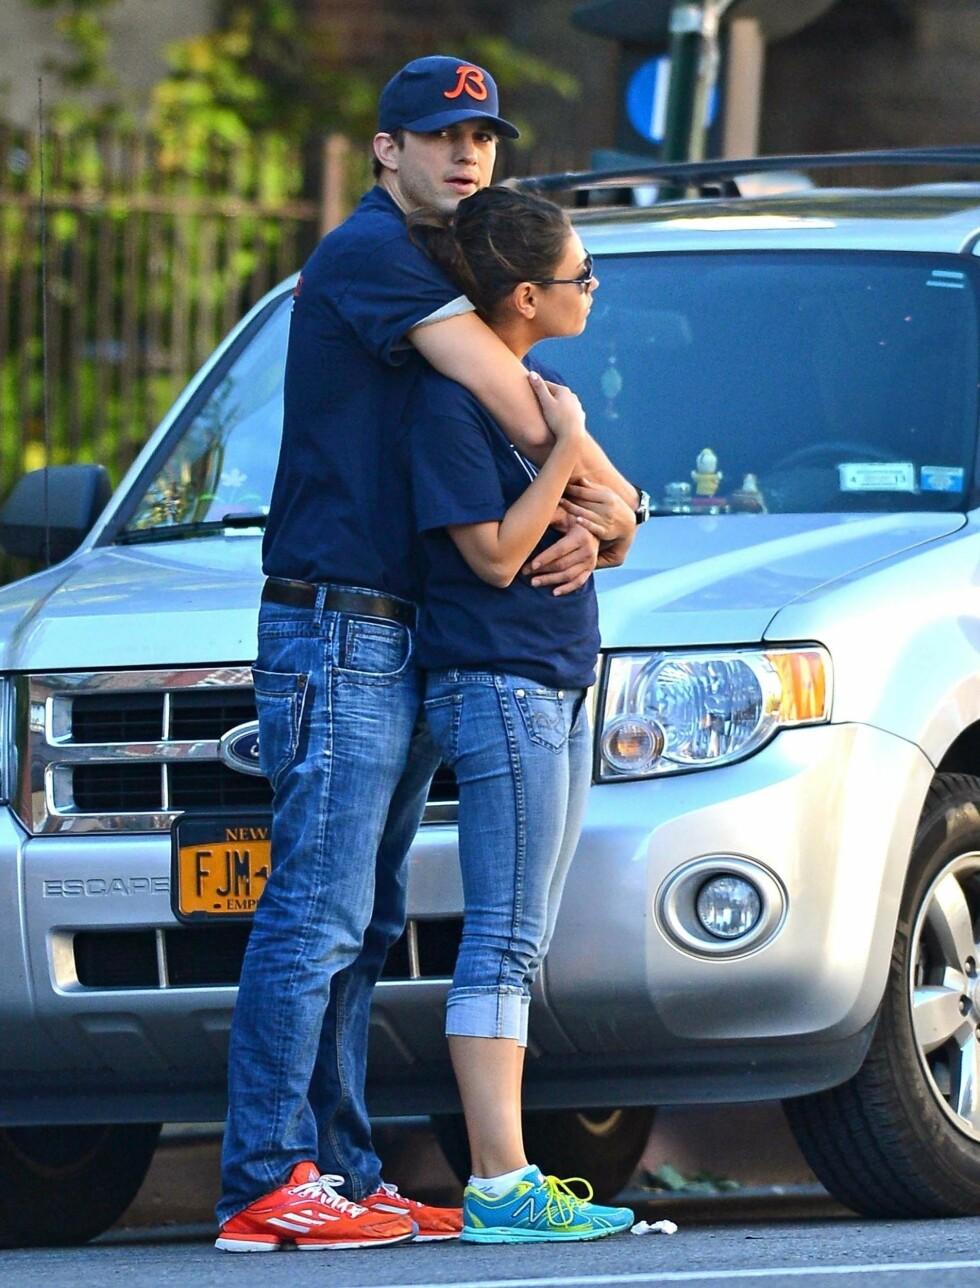 KOS: Ashton klarte ikke å holde fingrene unna sin vakre kjæreste Mila, da de to spaserte rundt i West Village i New York før fotballkampen. Foto: Fame Flynet